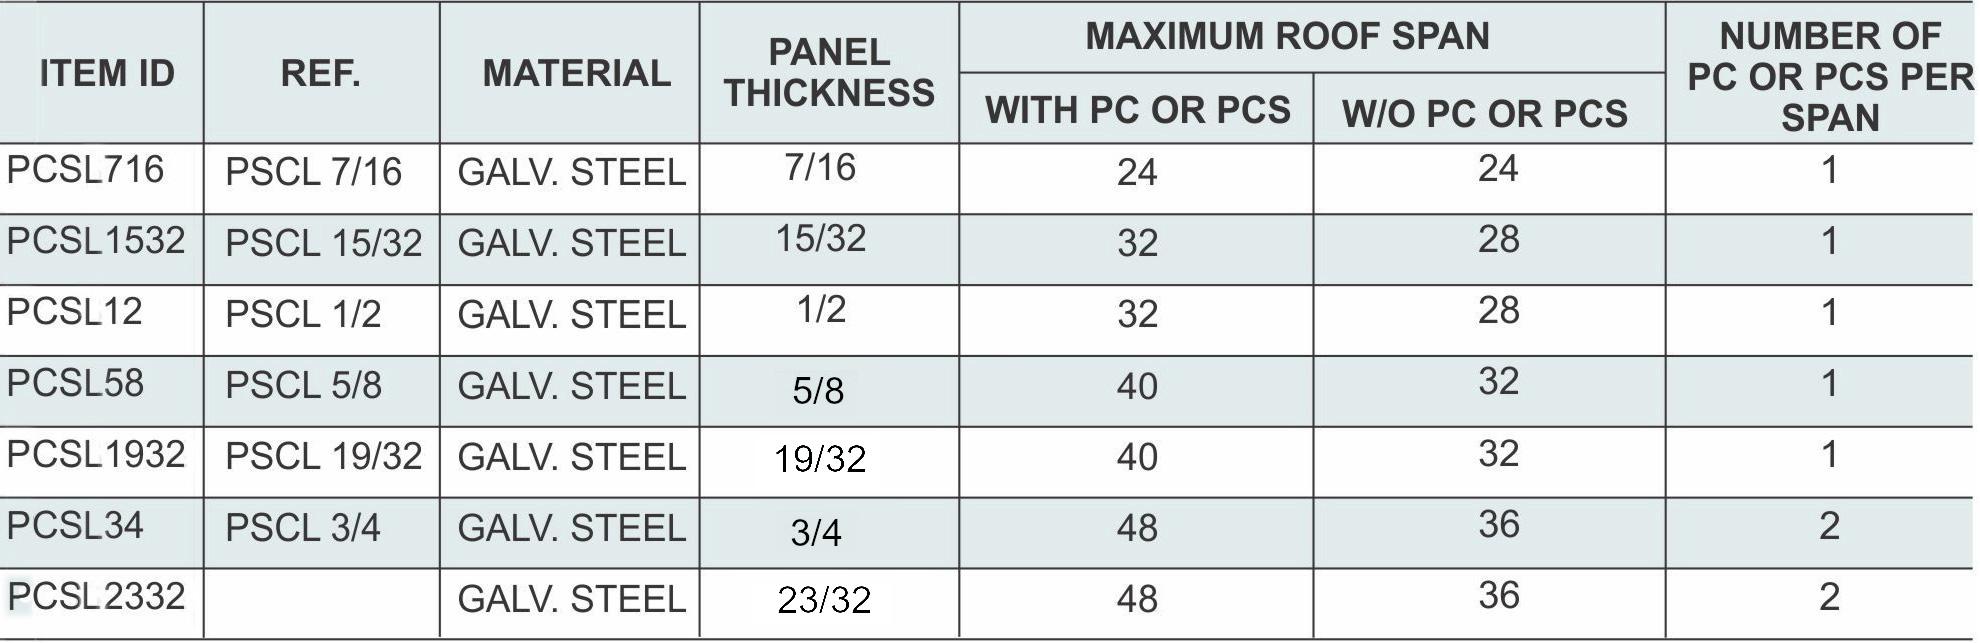 PLYWOOD CLIP | Tamlyn Products | PCS716, PCS1532, PCS12, PCS58